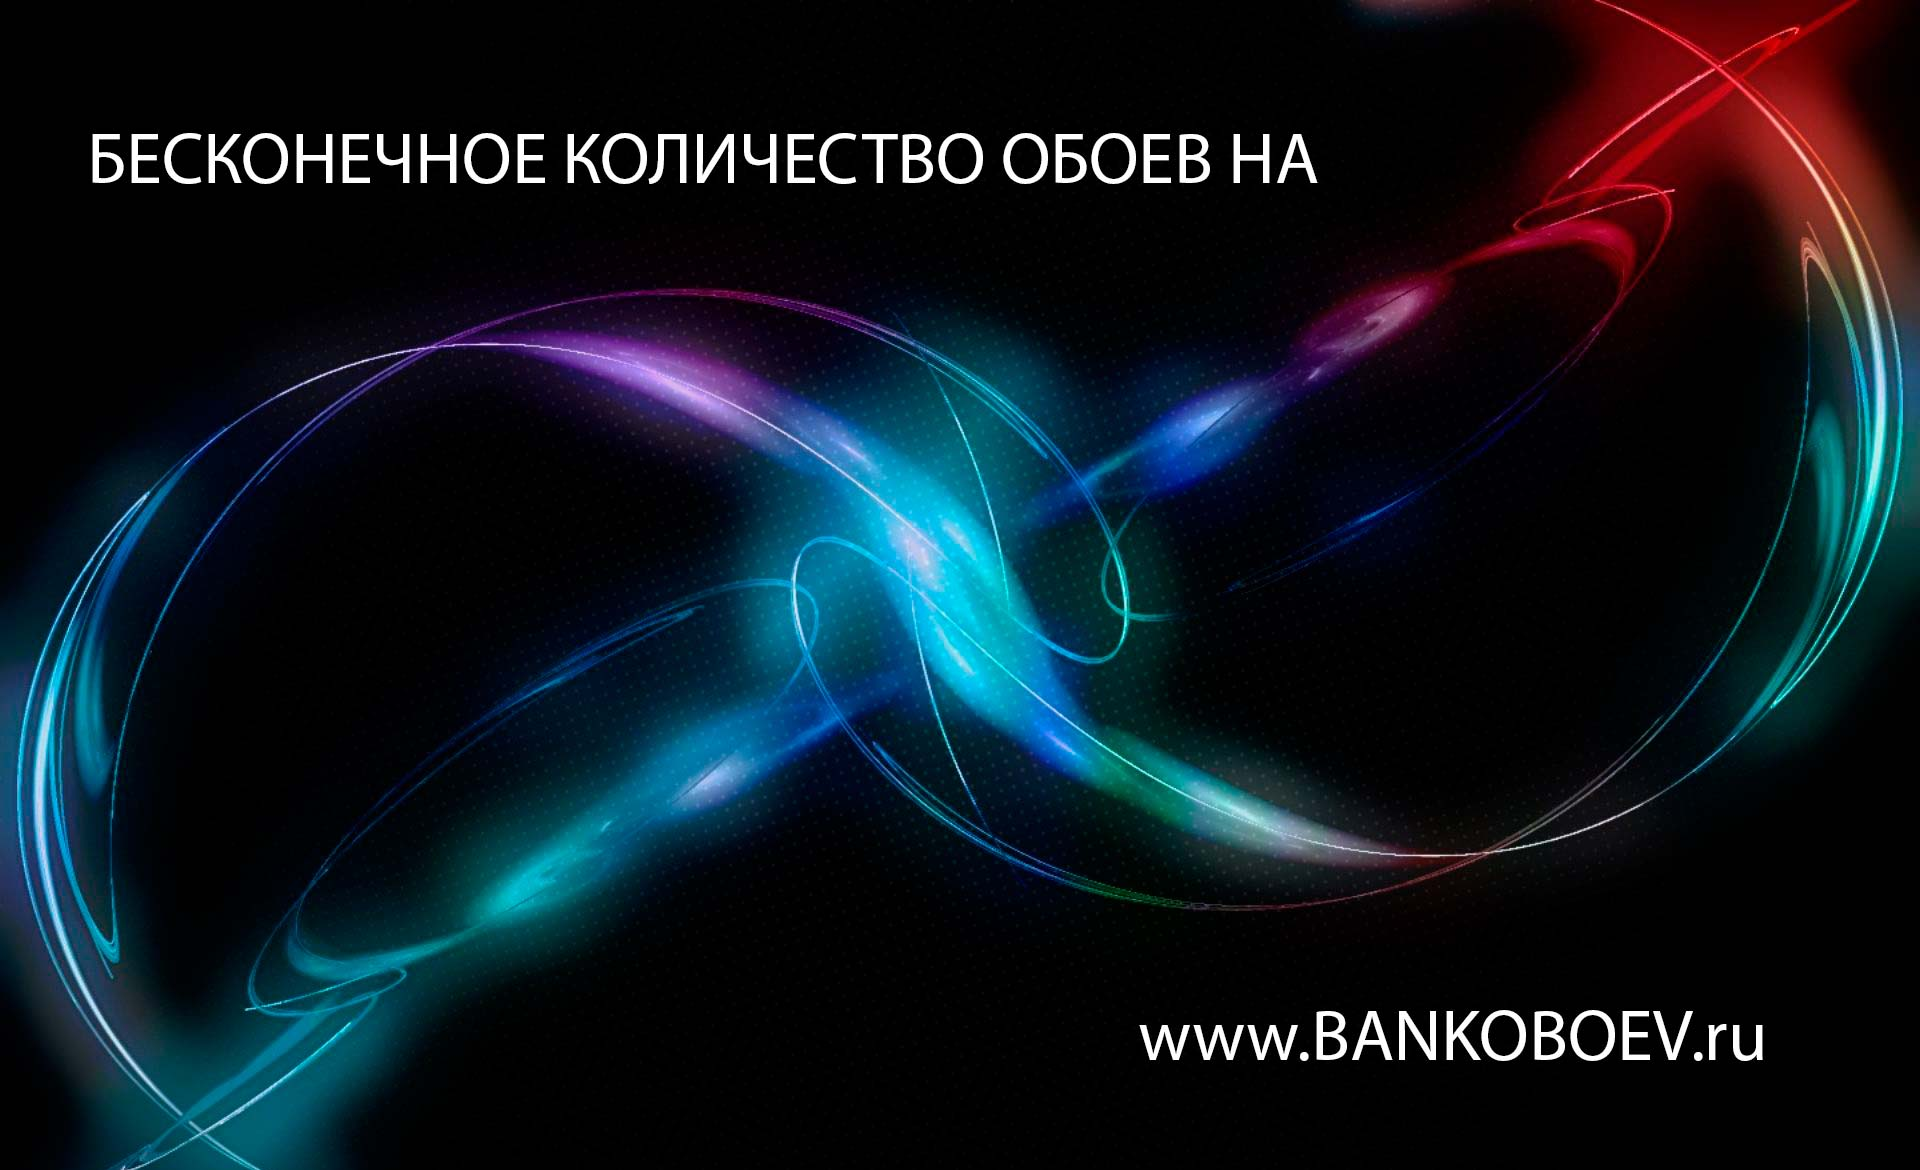 ... bankoboev.ru/images/MTMzODg0/Bankoboev.Ru_ford_f150_zhzhet_rezinu.jpg